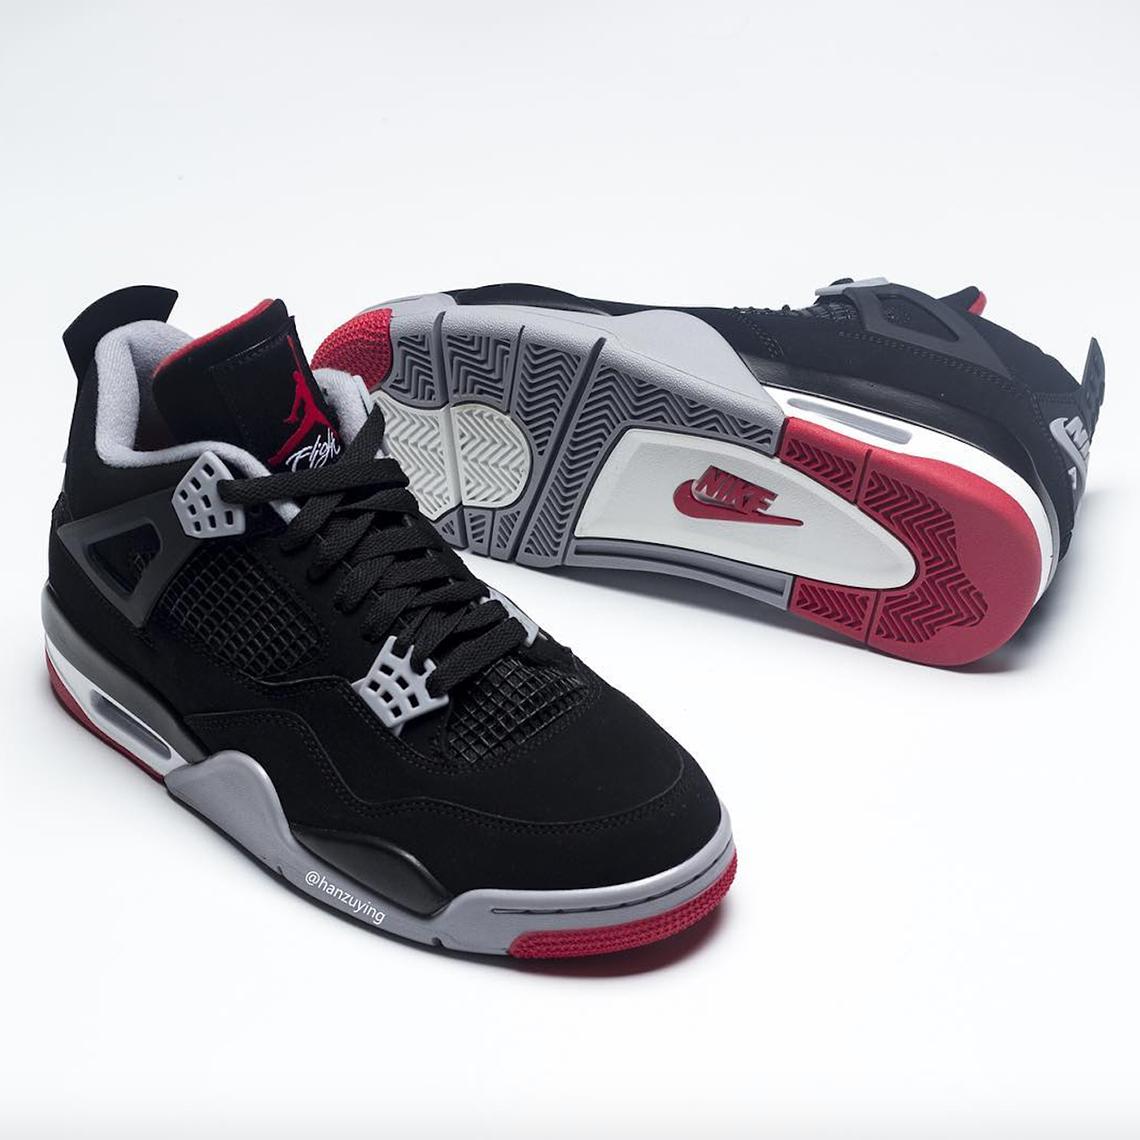 Jordan 4 Bred 2019 308497-060 Release